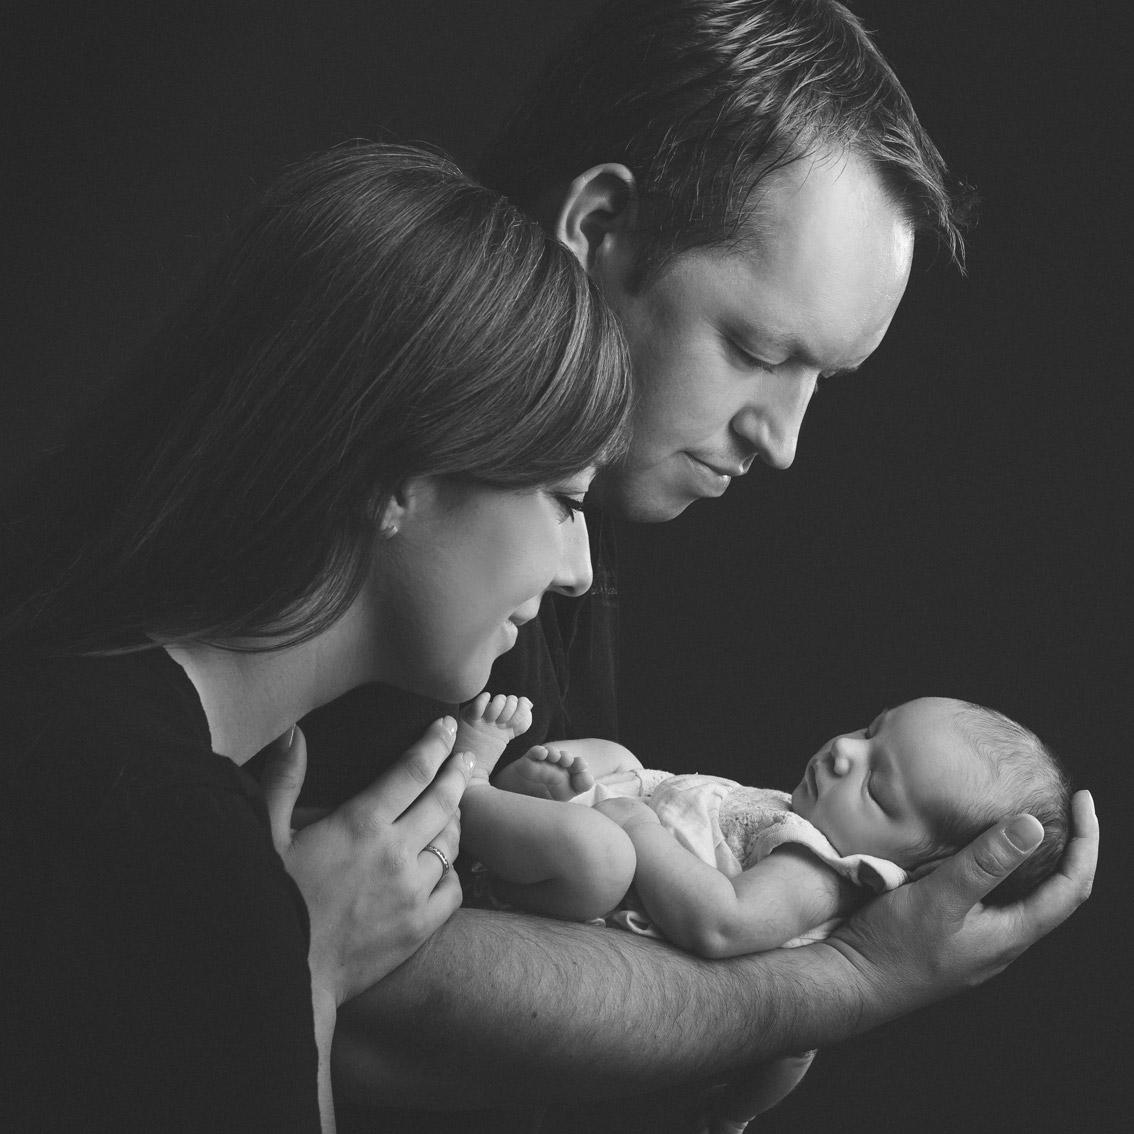 NEWBORN-aachen-babyfotos-dueren-neugeborenenfotos-alsdorf-babyfotograf-eschweiler-fotos-by-domi-025